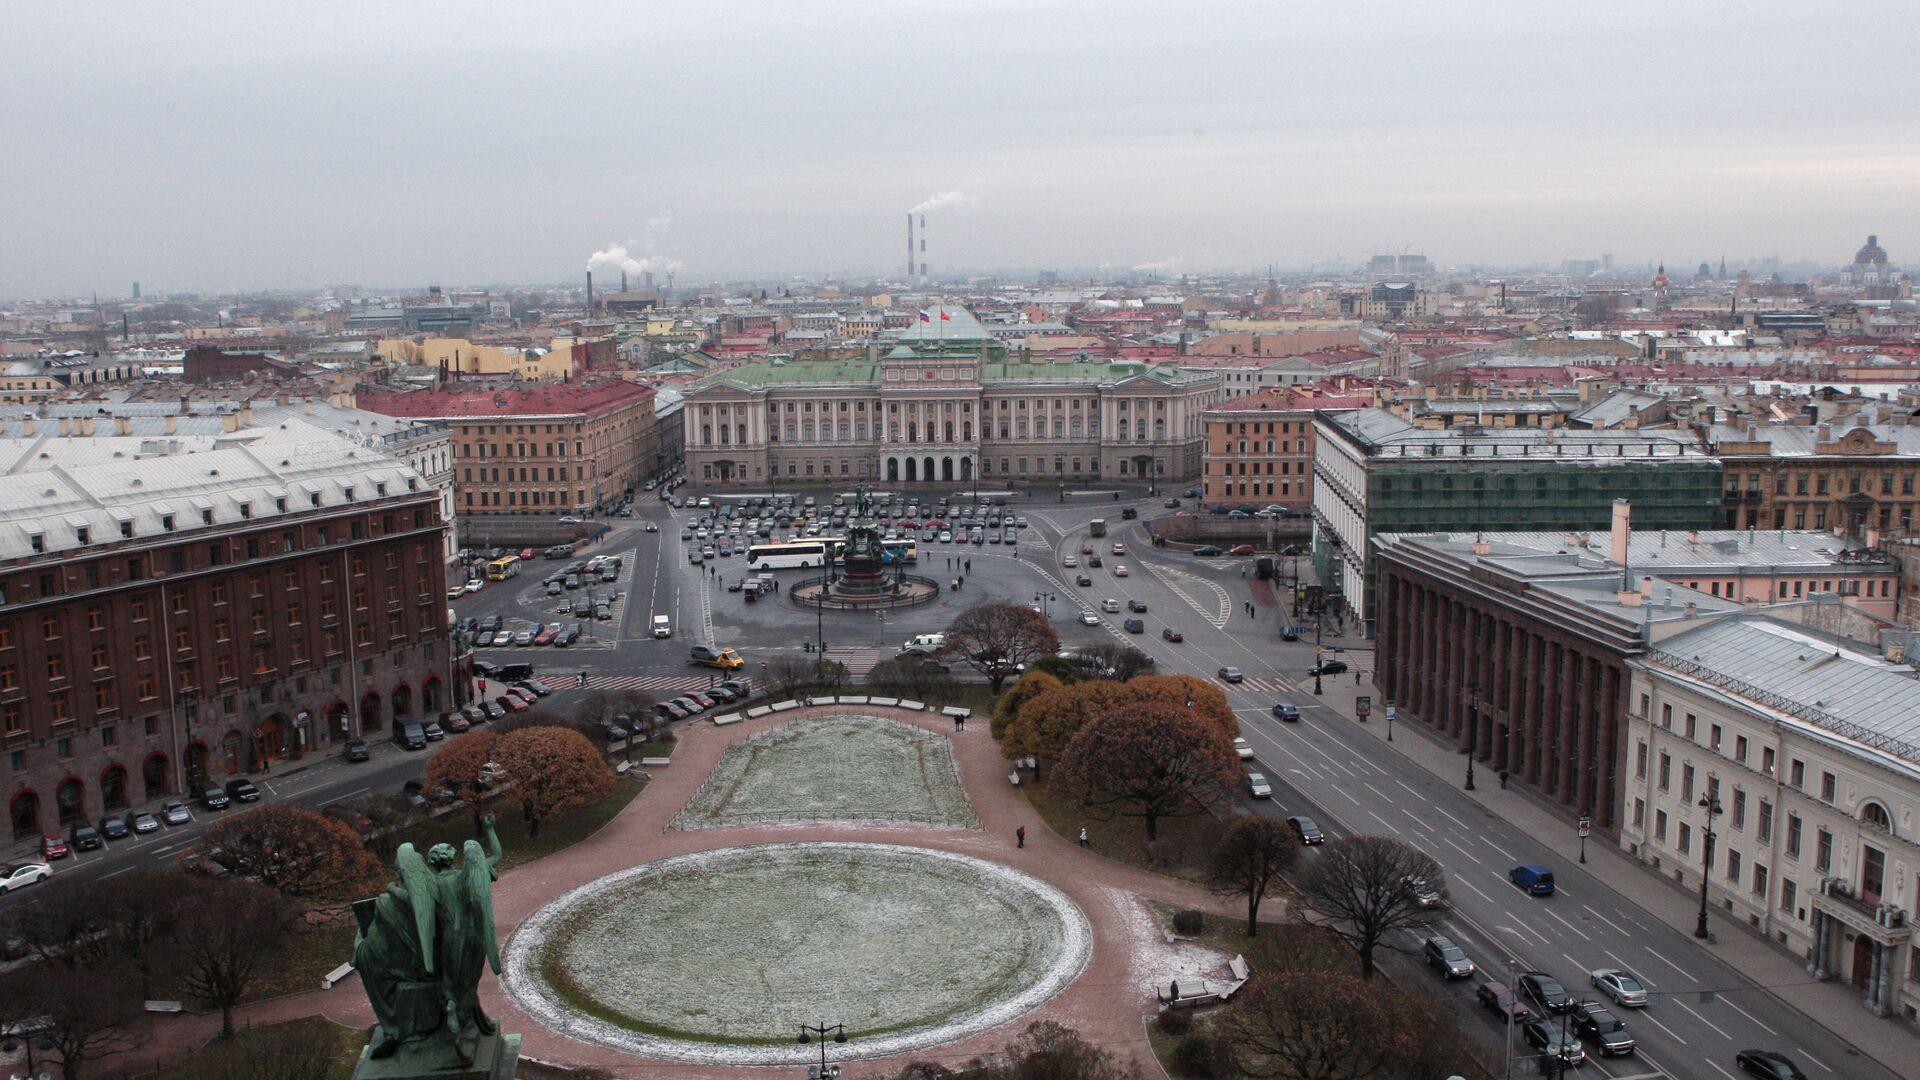 Вид на Мариинский дворец и Исаакиевскую площадь - РИА Новости, 1920, 26.07.2021